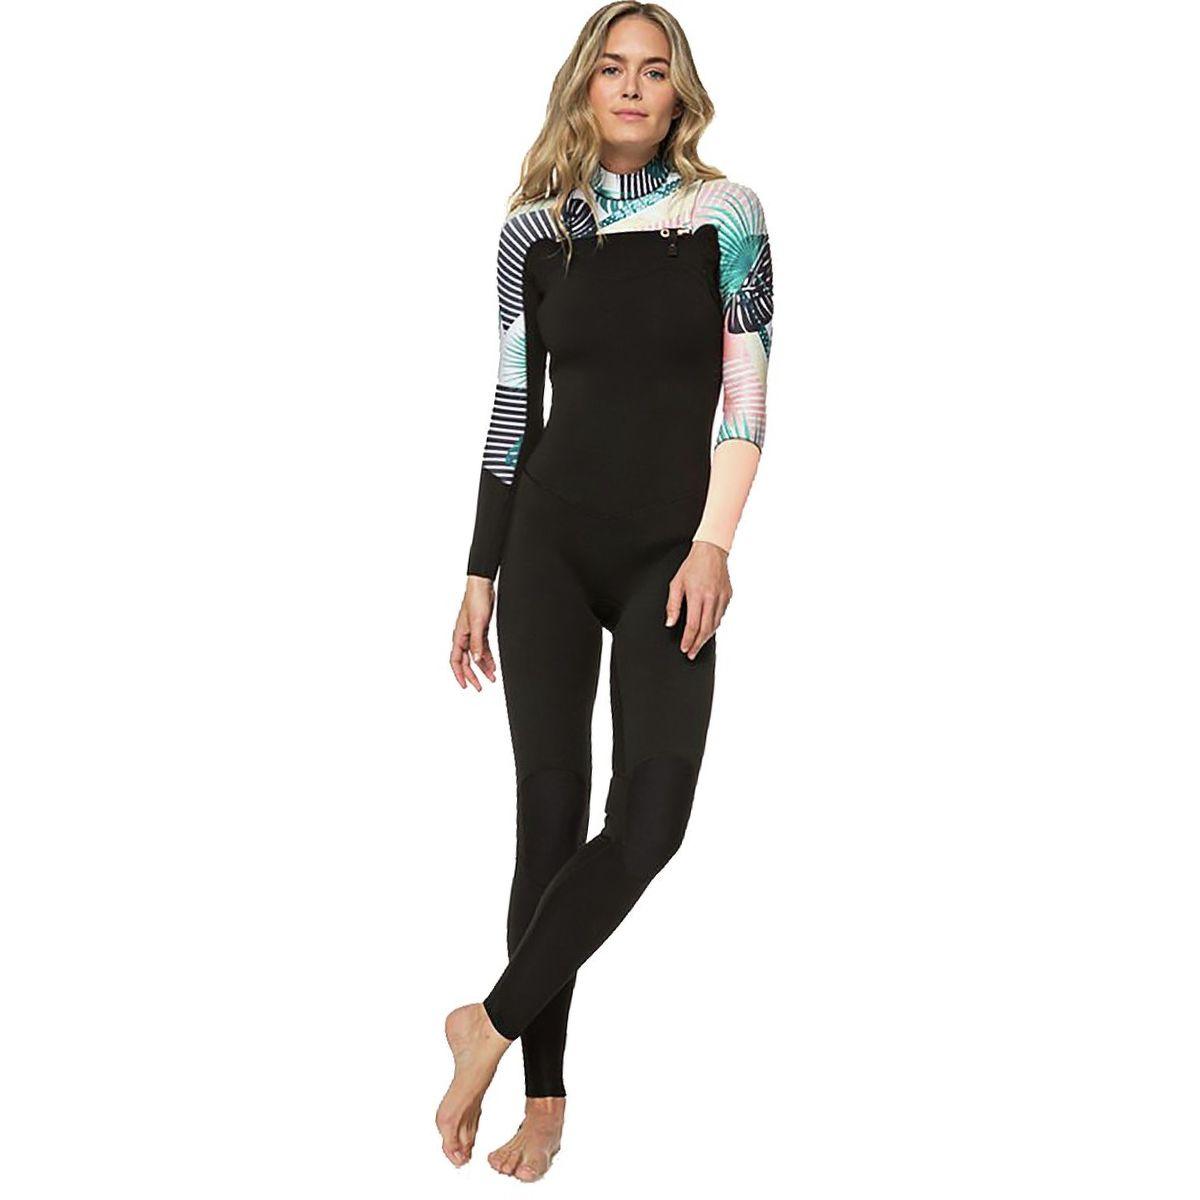 Roxy 3/2 Popsurf Full Zip GBS Wetsuit - Women's